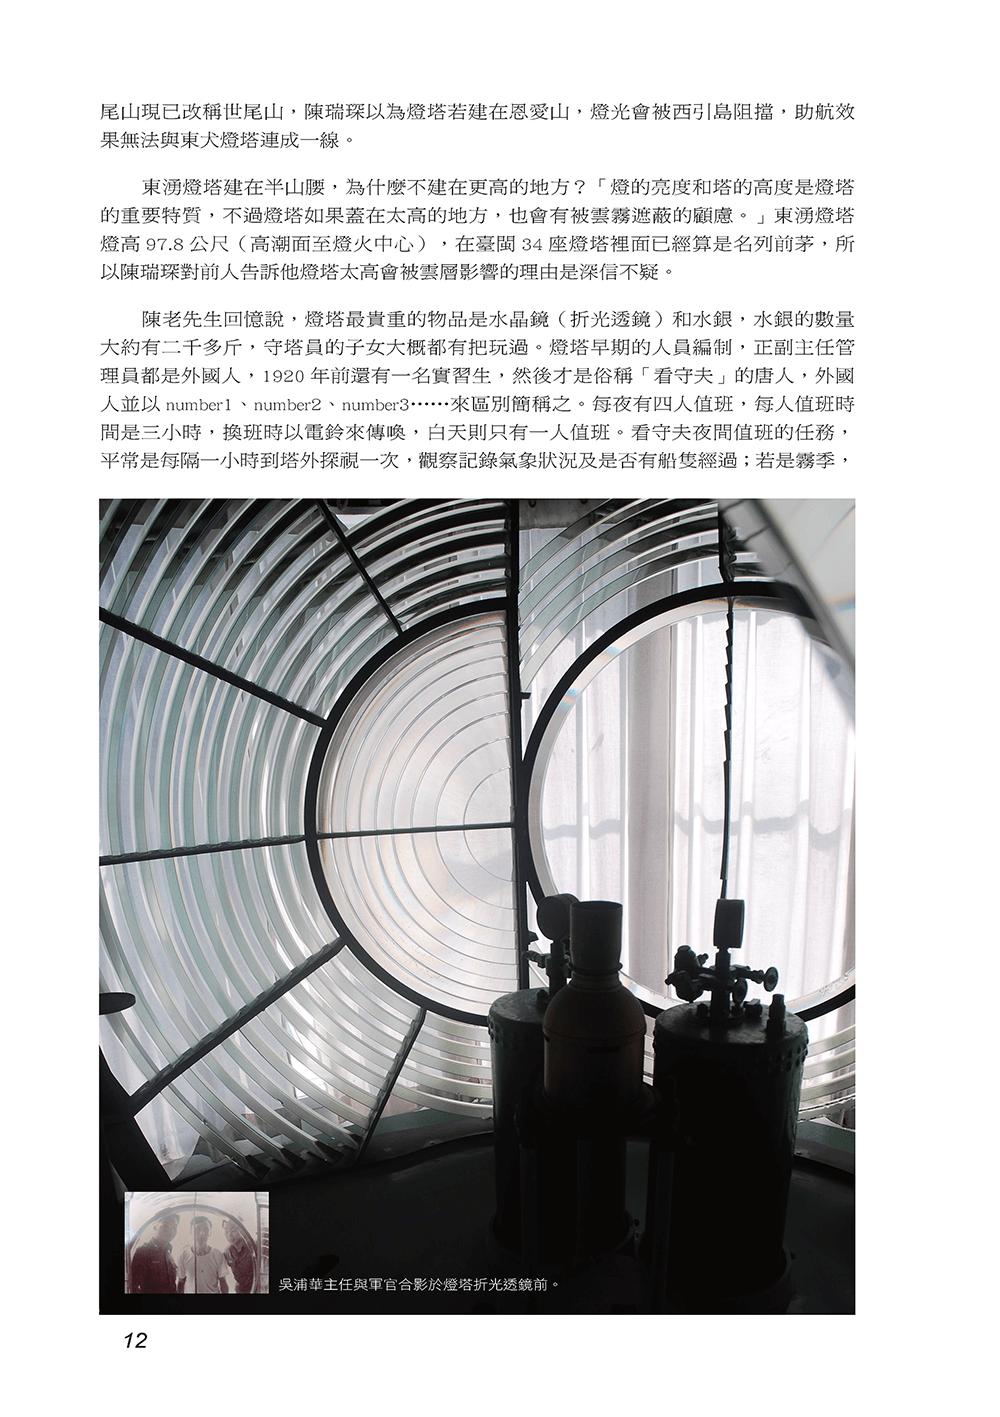 頁12-13